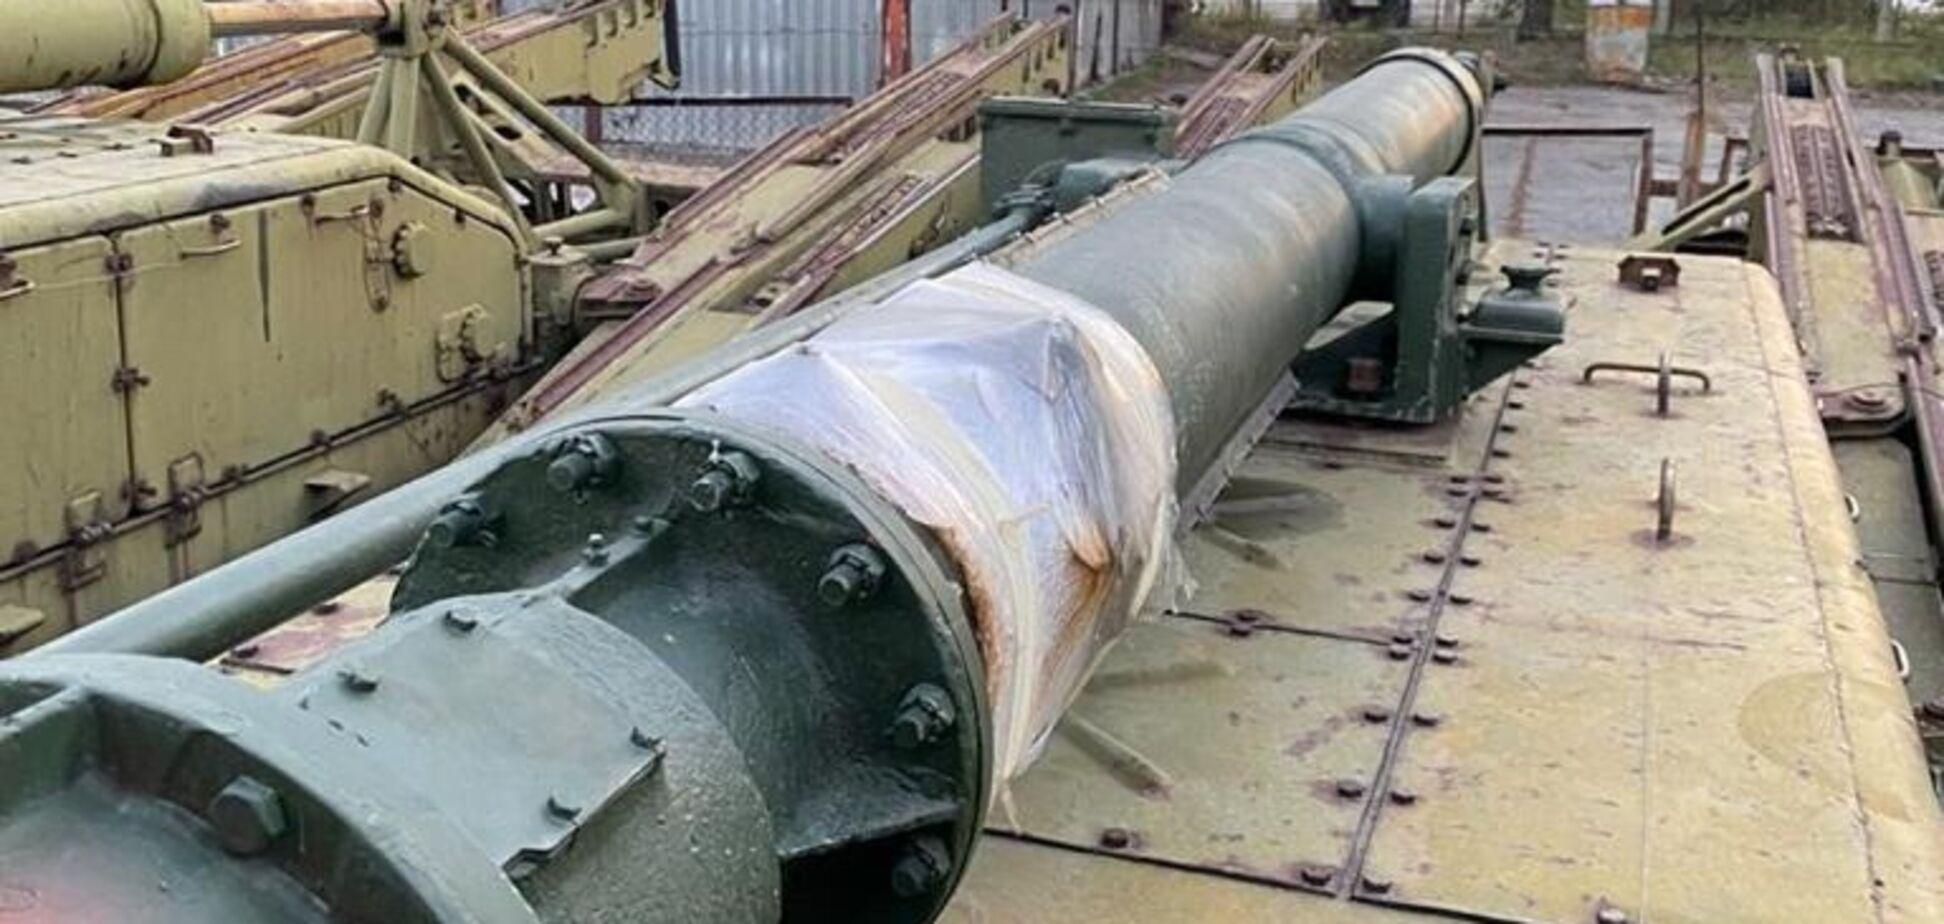 СБУ разоблачила незаконный ввоз в Украину советских зенитно-ракетных комплексов